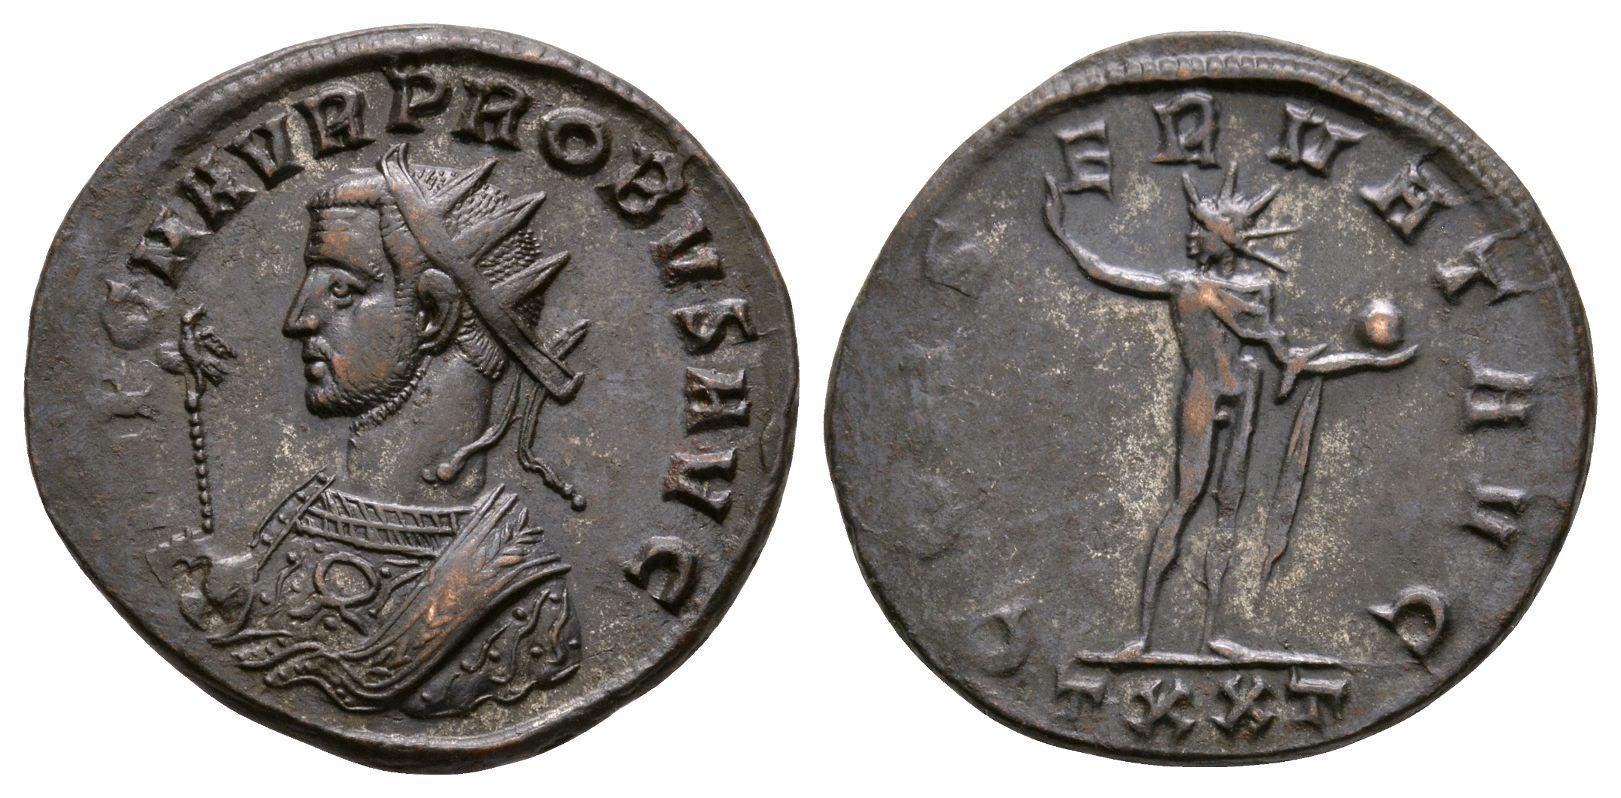 Ancient Roman Imperial Coins - Probus - Sol Antoninianus